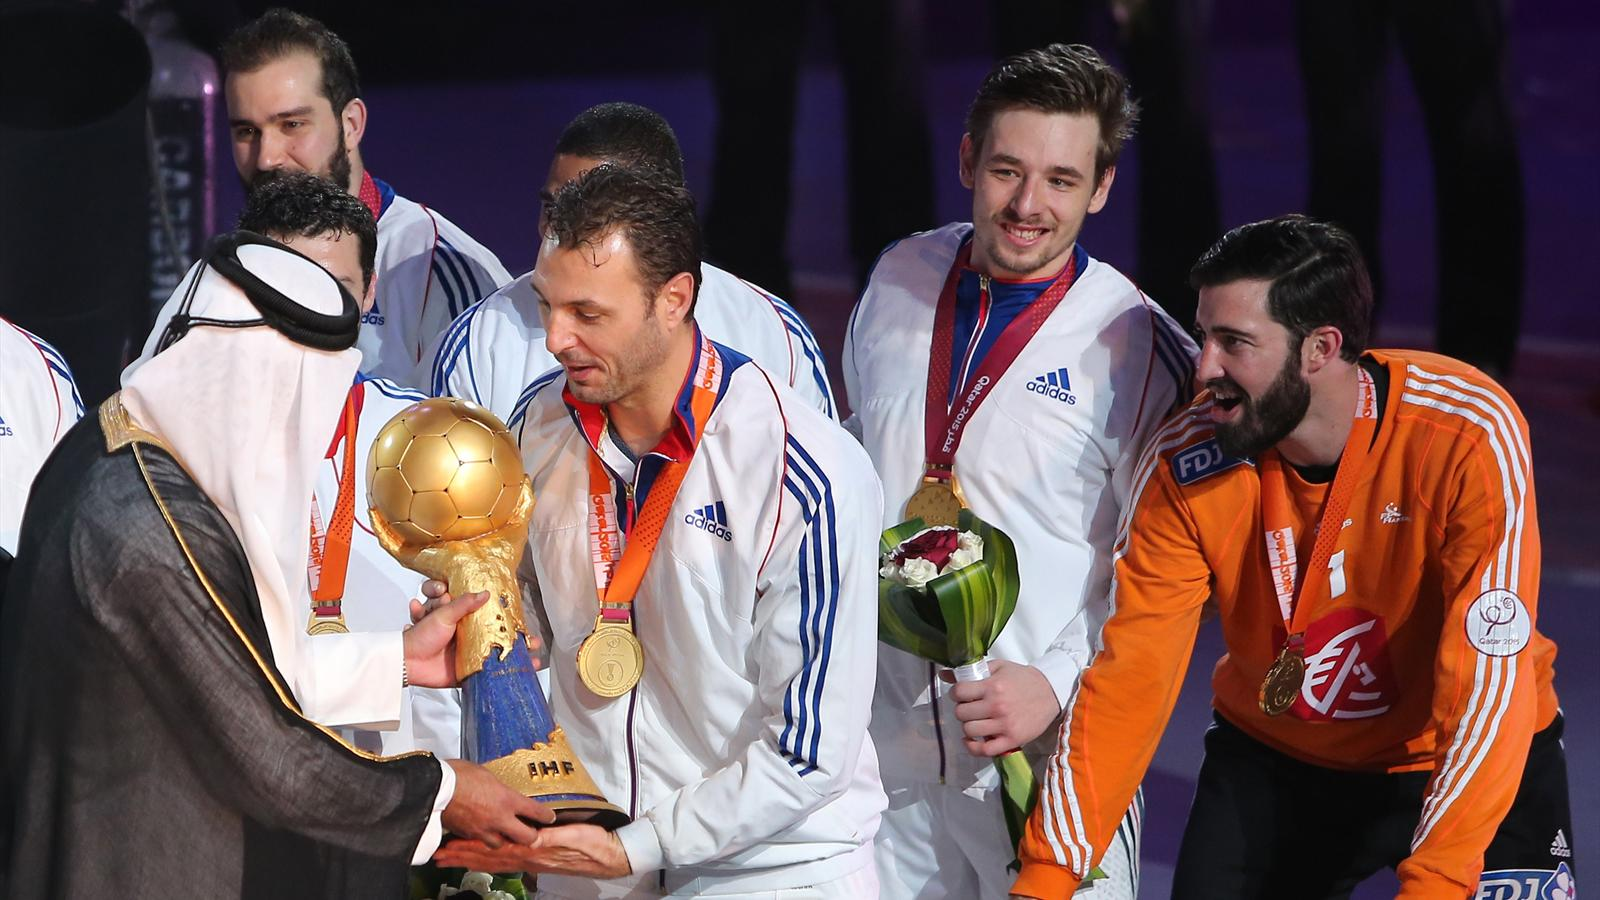 Championnat du monde dans l histoire du sport aussi l 39 quipe de france occupe une place - Coupe du monde 2015 handball ...